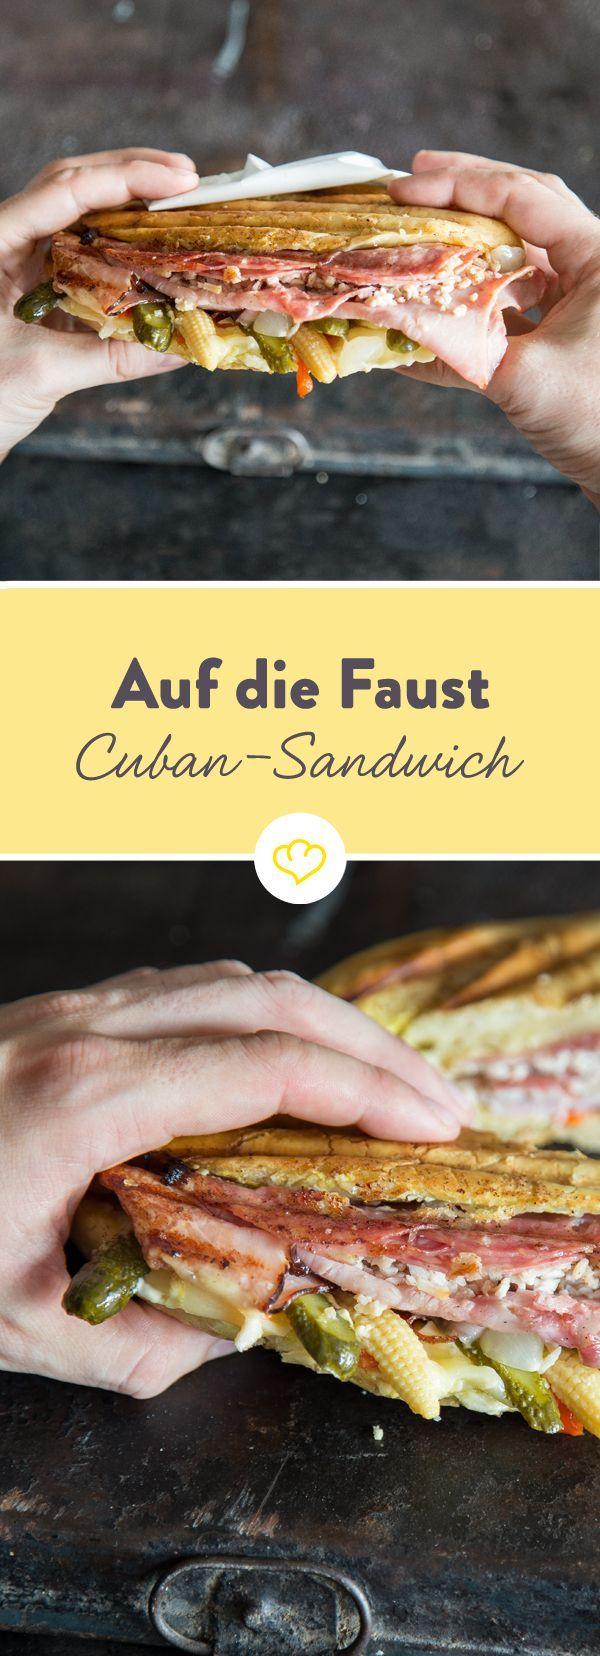 Original Cuban-Sandwich zum Dahinschmelzen!